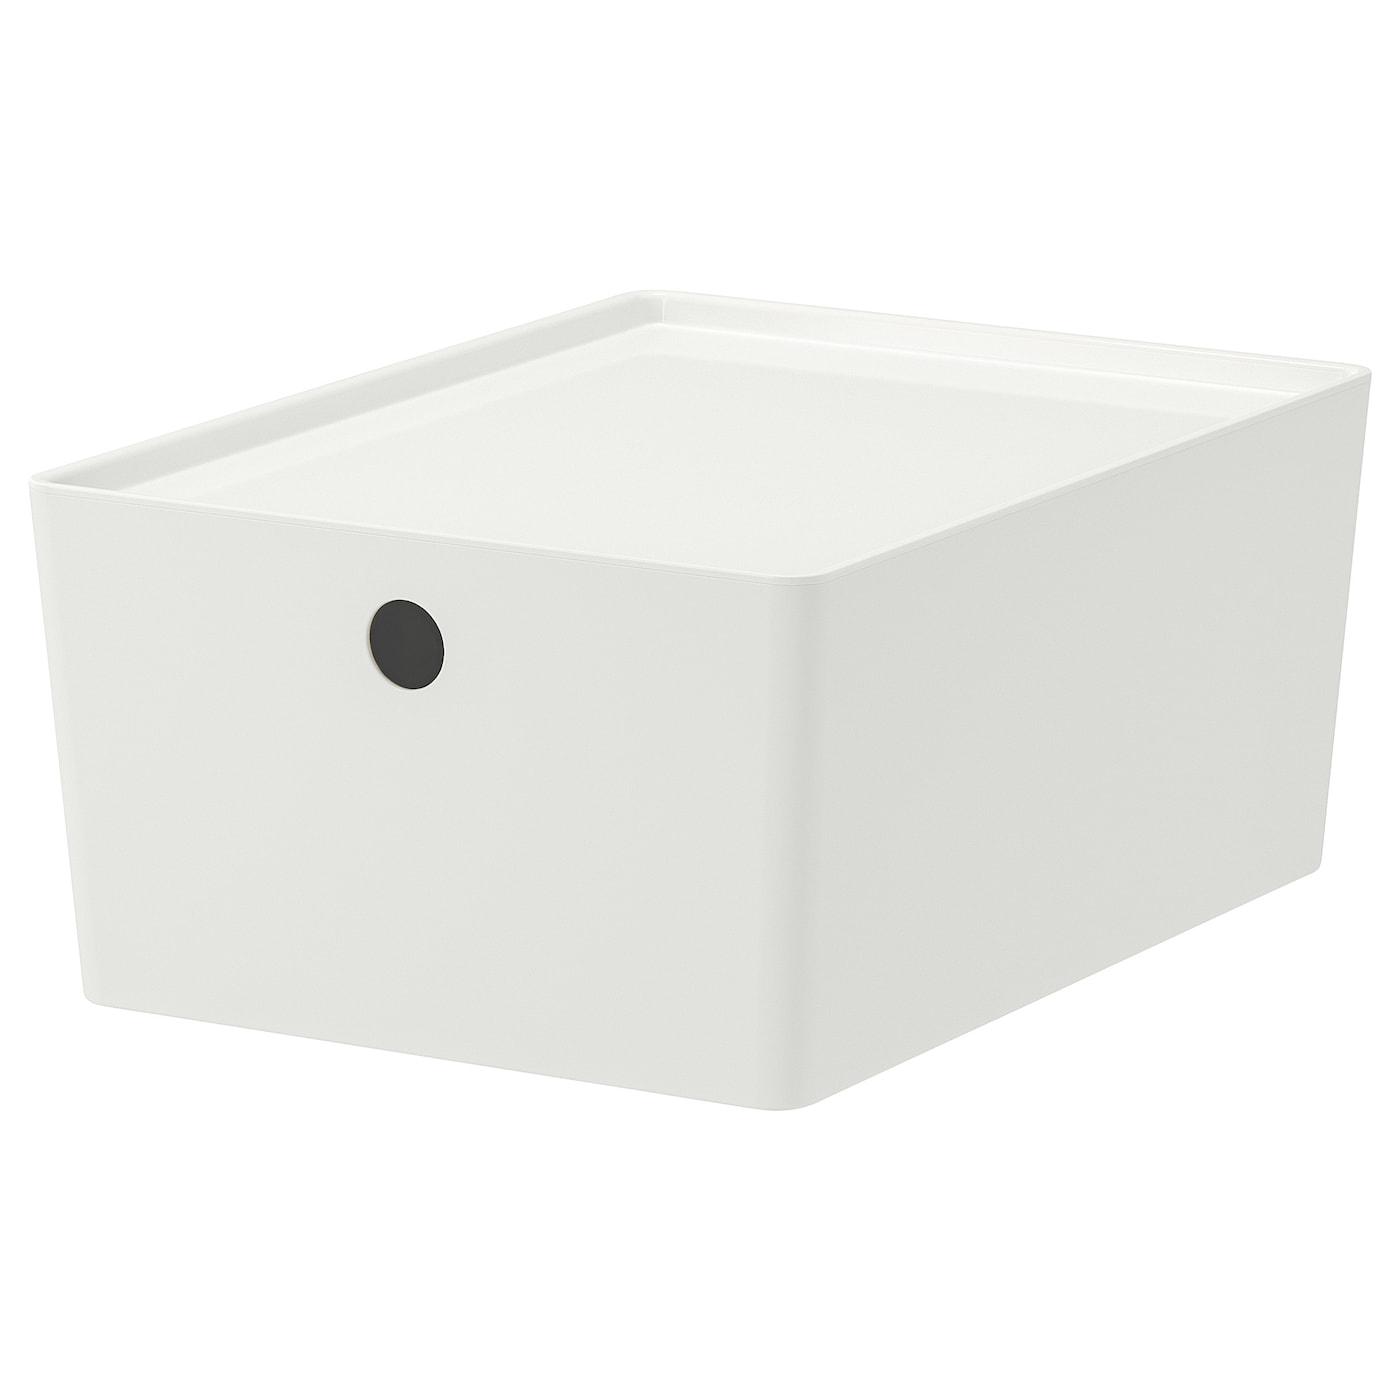 IKEA KUGGIS Box mit Deckel – 35 x 26 x 15 cm